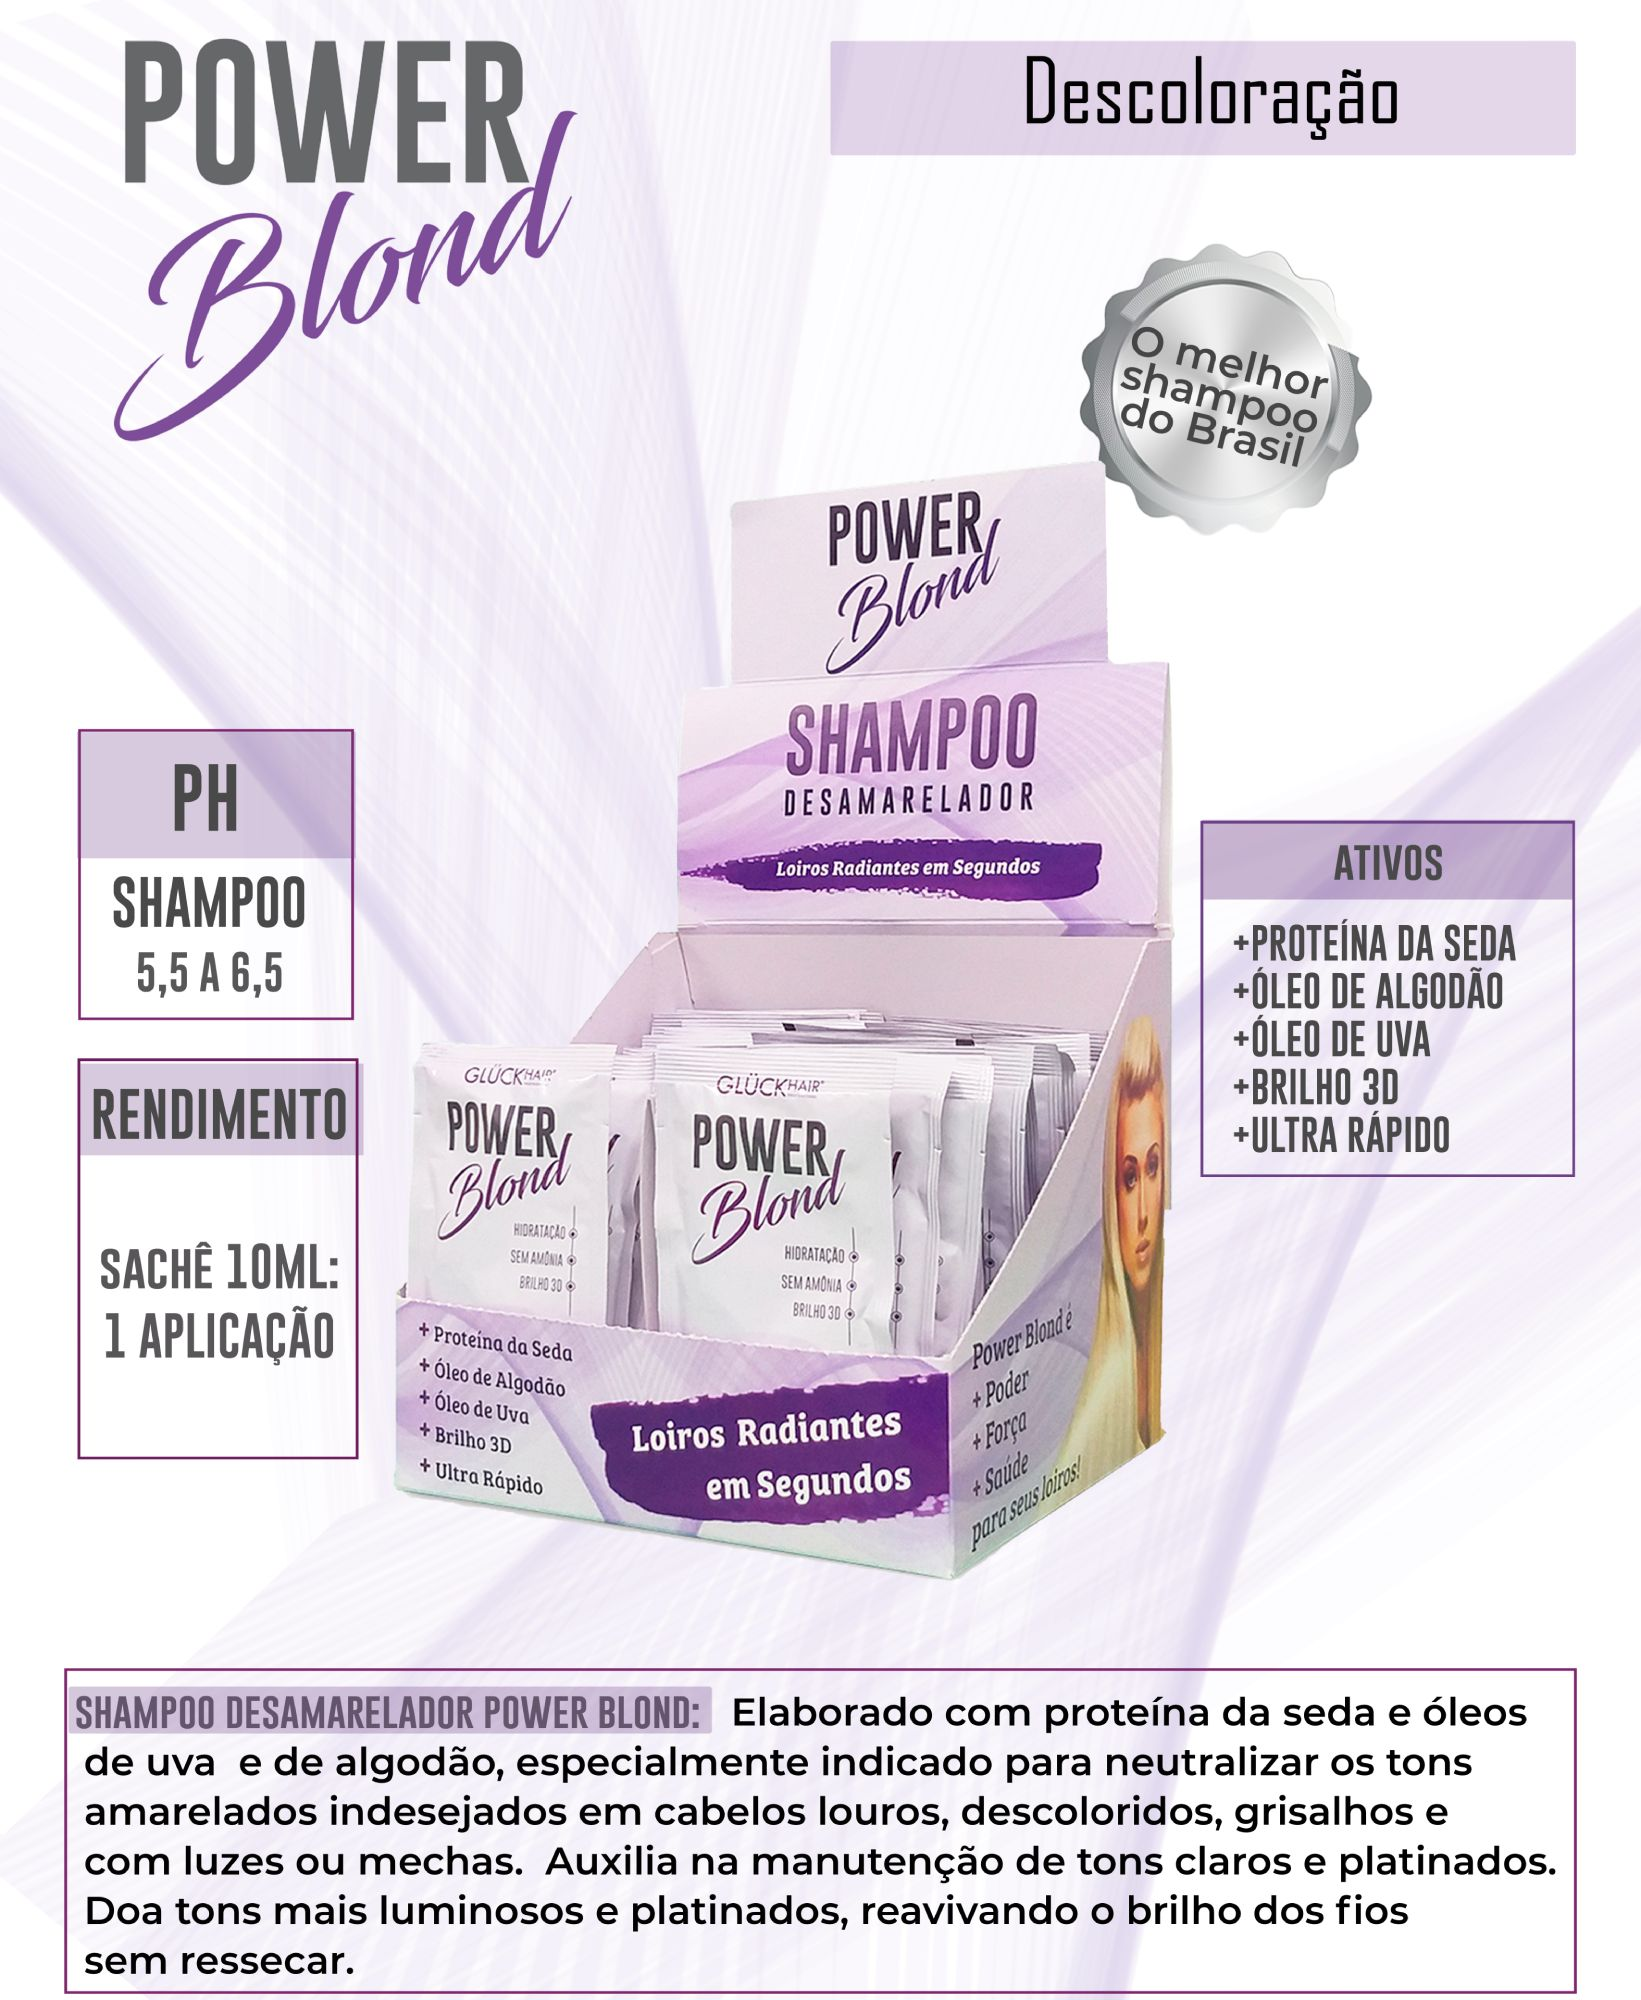 Shampoo Desamarelador PowerBlond - Sachê 10ml